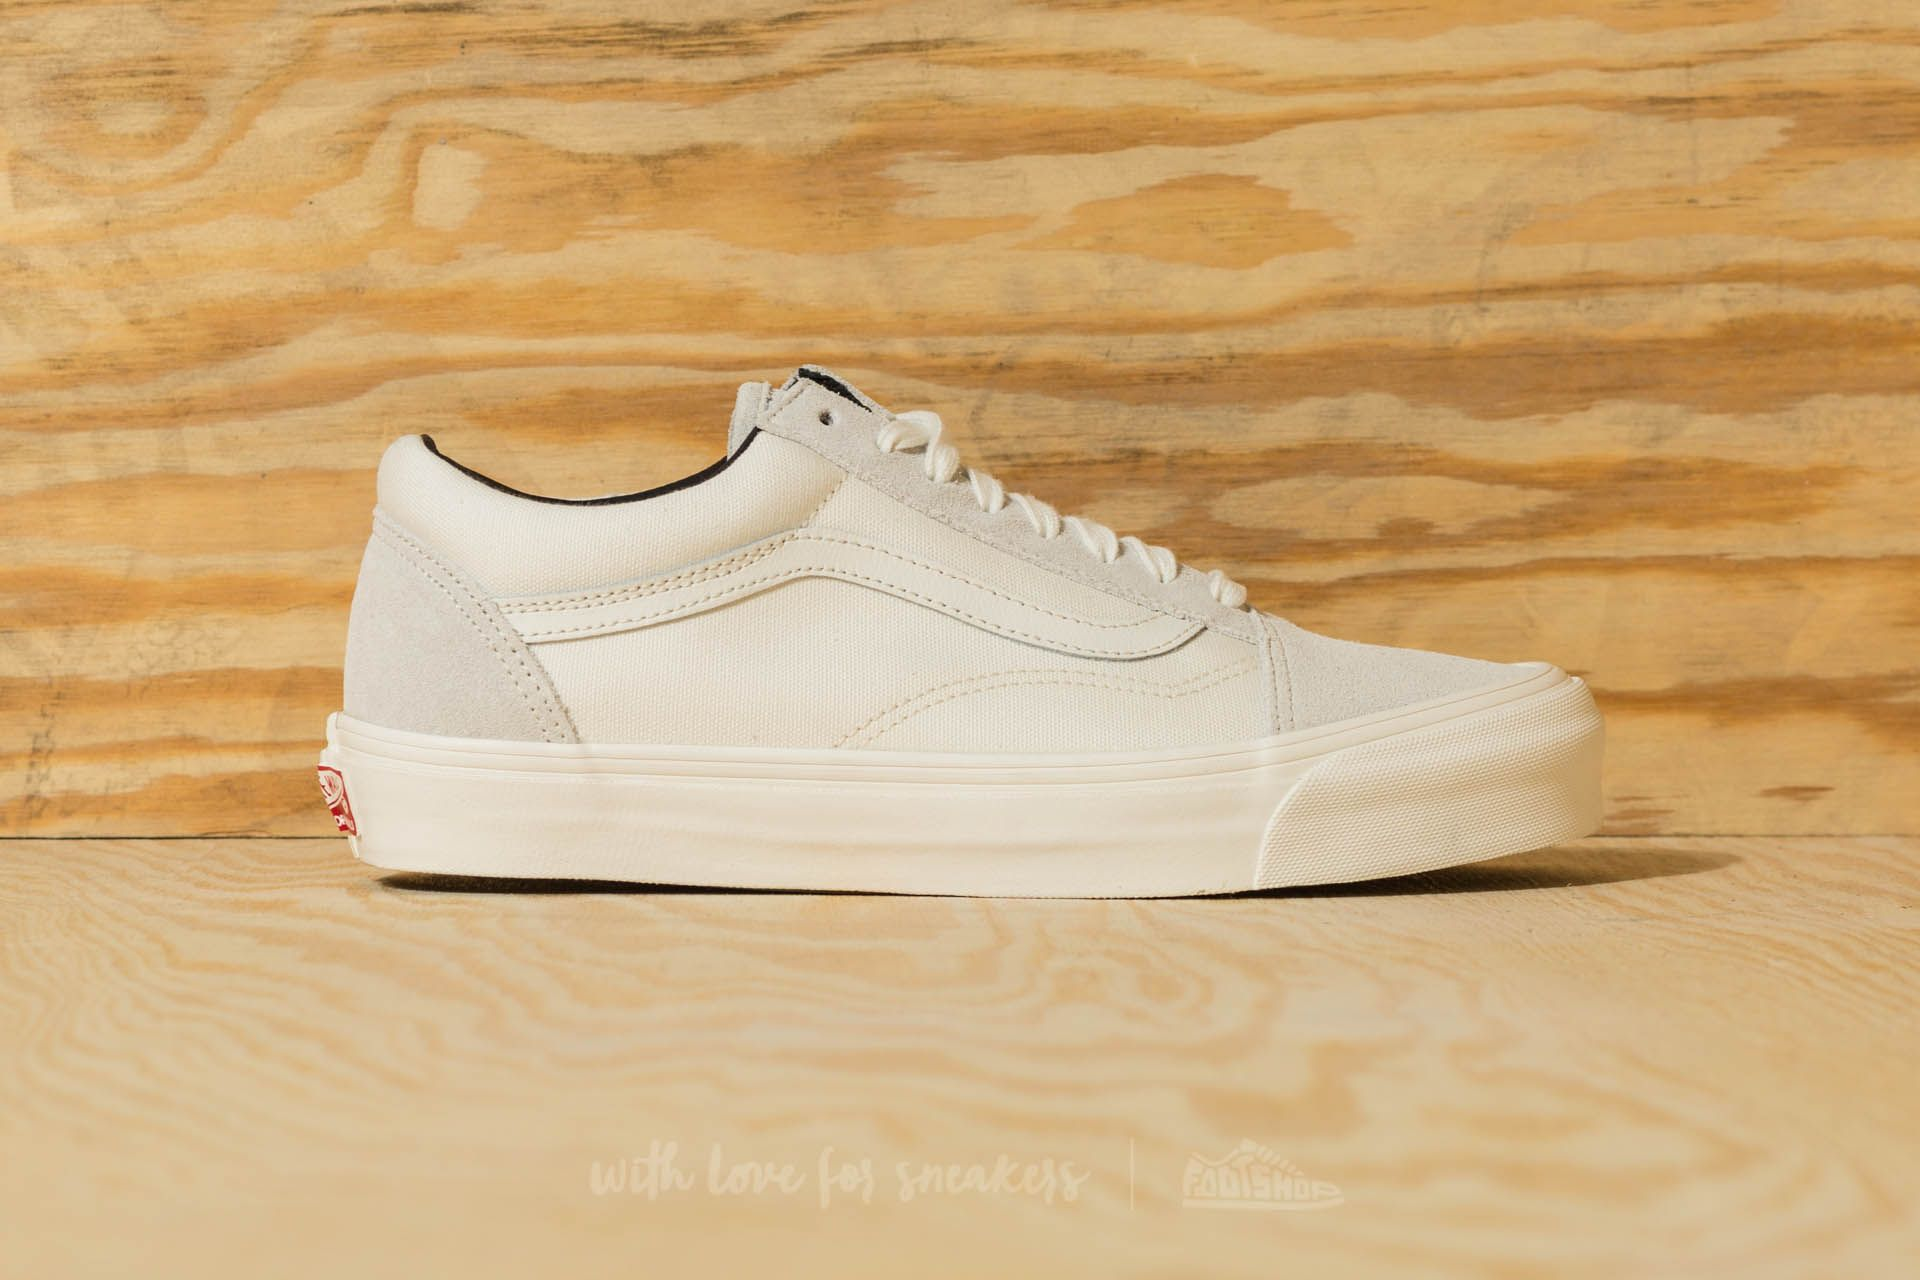 Vans OG Old Skool LX (Suede Canvas)Blanc De Blanc